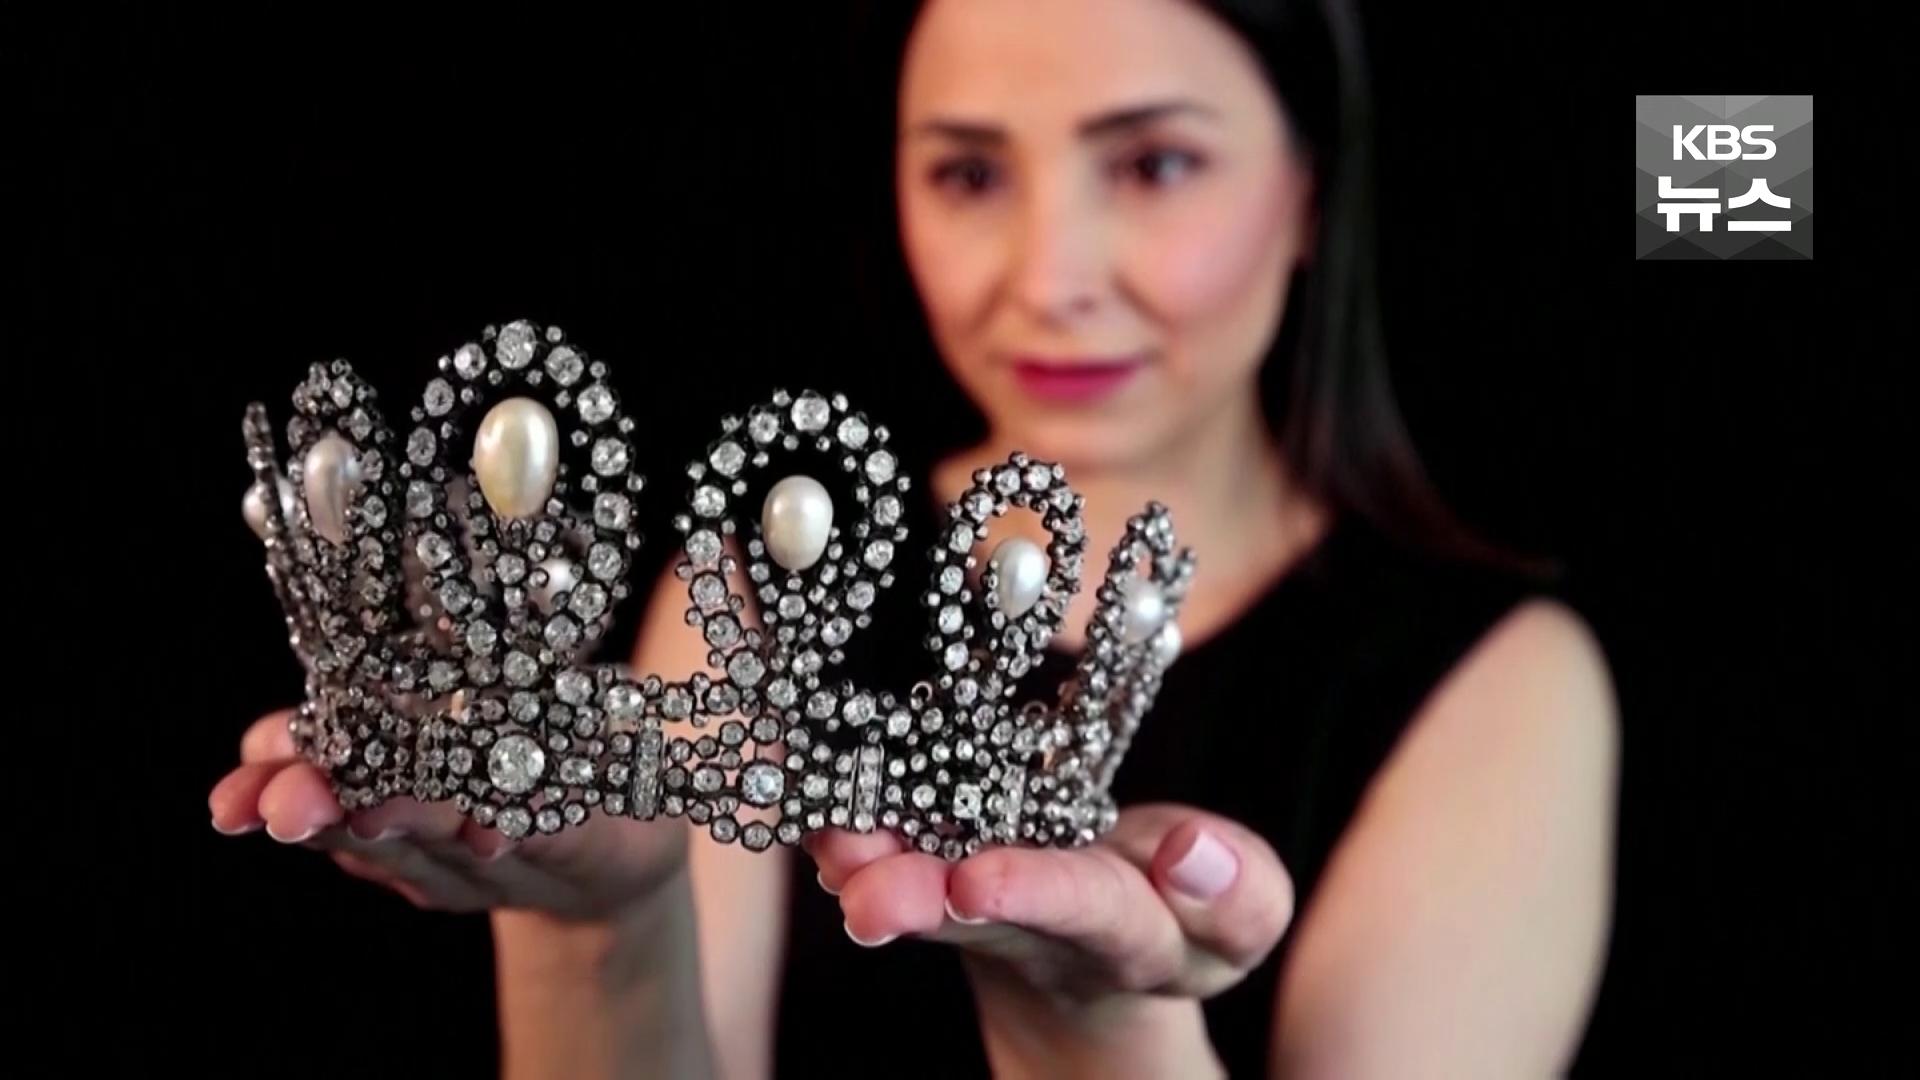 18억 6천만 원에 거래된 이탈리아 왕실 '티아라' 영상 공개